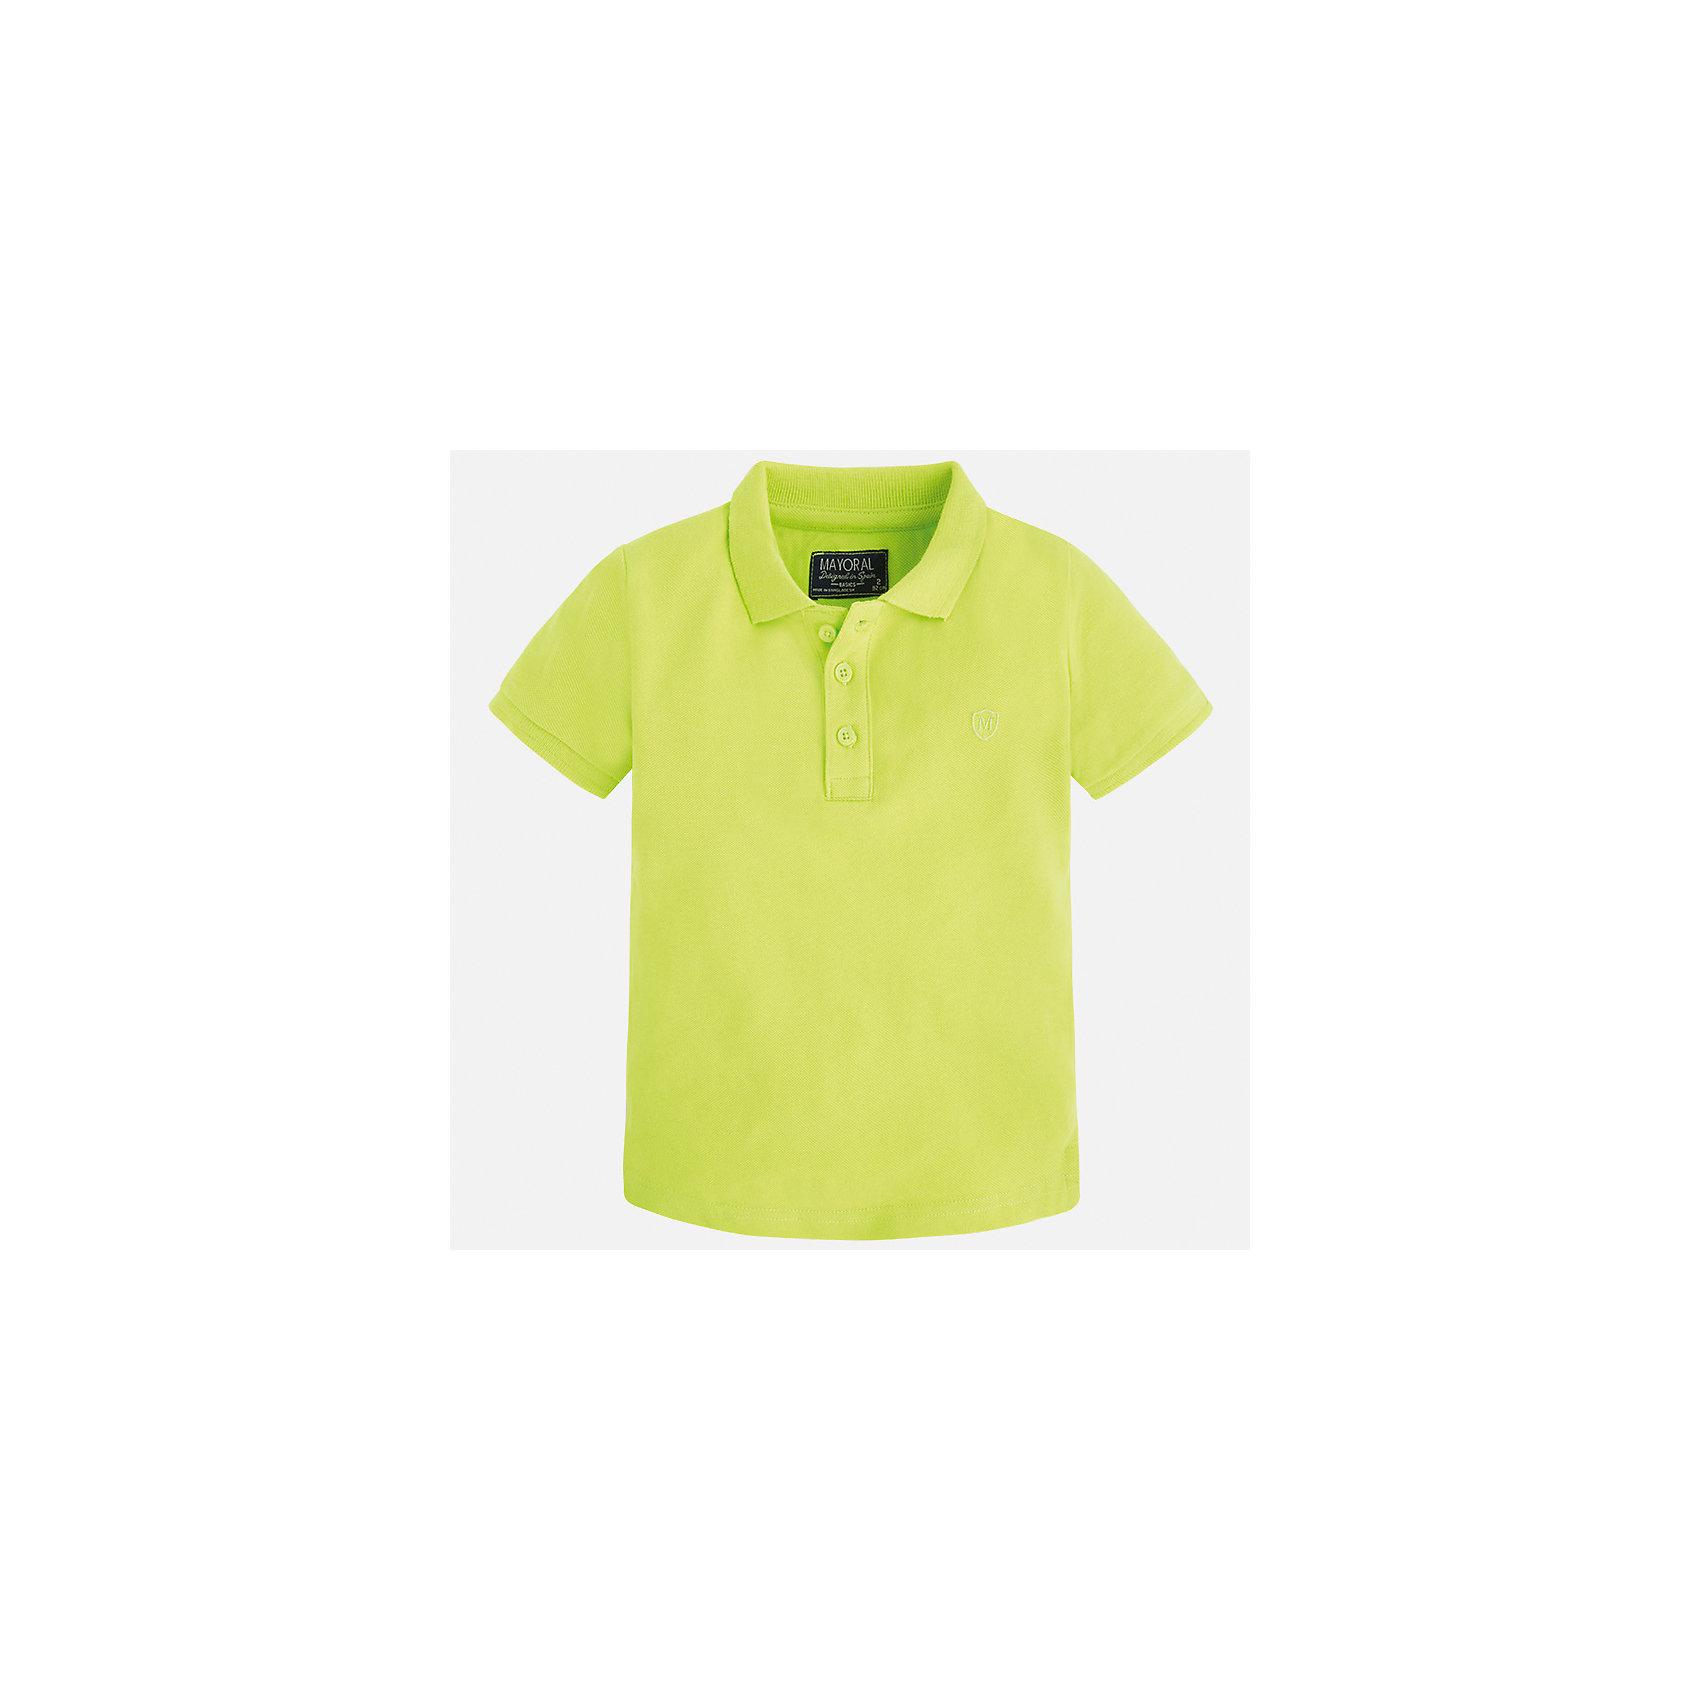 Футболка-поло для мальчика MayoralФутболки, поло и топы<br>Характеристики товара:<br><br>• цвет: зеленый<br>• состав: 100% хлопок<br>• отложной воротник<br>• короткие рукава<br>• застежка: пуговицы<br>• вышивка на груди<br>• страна бренда: Испания<br><br>Стильная удобная футболка-поло для мальчика может стать базовой вещью в гардеробе ребенка. Она отлично сочетается с брюками, шортами, джинсами и т.д. Универсальный крой и цвет позволяет подобрать к вещи низ разных расцветок. Практичное и стильное изделие! В составе материала - только натуральный хлопок, гипоаллергенный, приятный на ощупь, дышащий.<br><br>Одежда, обувь и аксессуары от испанского бренда Mayoral полюбились детям и взрослым по всему миру. Модели этой марки - стильные и удобные. Для их производства используются только безопасные, качественные материалы и фурнитура. Порадуйте ребенка модными и красивыми вещами от Mayoral! <br><br>Футболку-поло для мальчика от испанского бренда Mayoral (Майорал) можно купить в нашем интернет-магазине.<br><br>Ширина мм: 230<br>Глубина мм: 40<br>Высота мм: 220<br>Вес г: 250<br>Цвет: зеленый<br>Возраст от месяцев: 96<br>Возраст до месяцев: 108<br>Пол: Мужской<br>Возраст: Детский<br>Размер: 134,128,122,116,110,104,98,92<br>SKU: 5277758